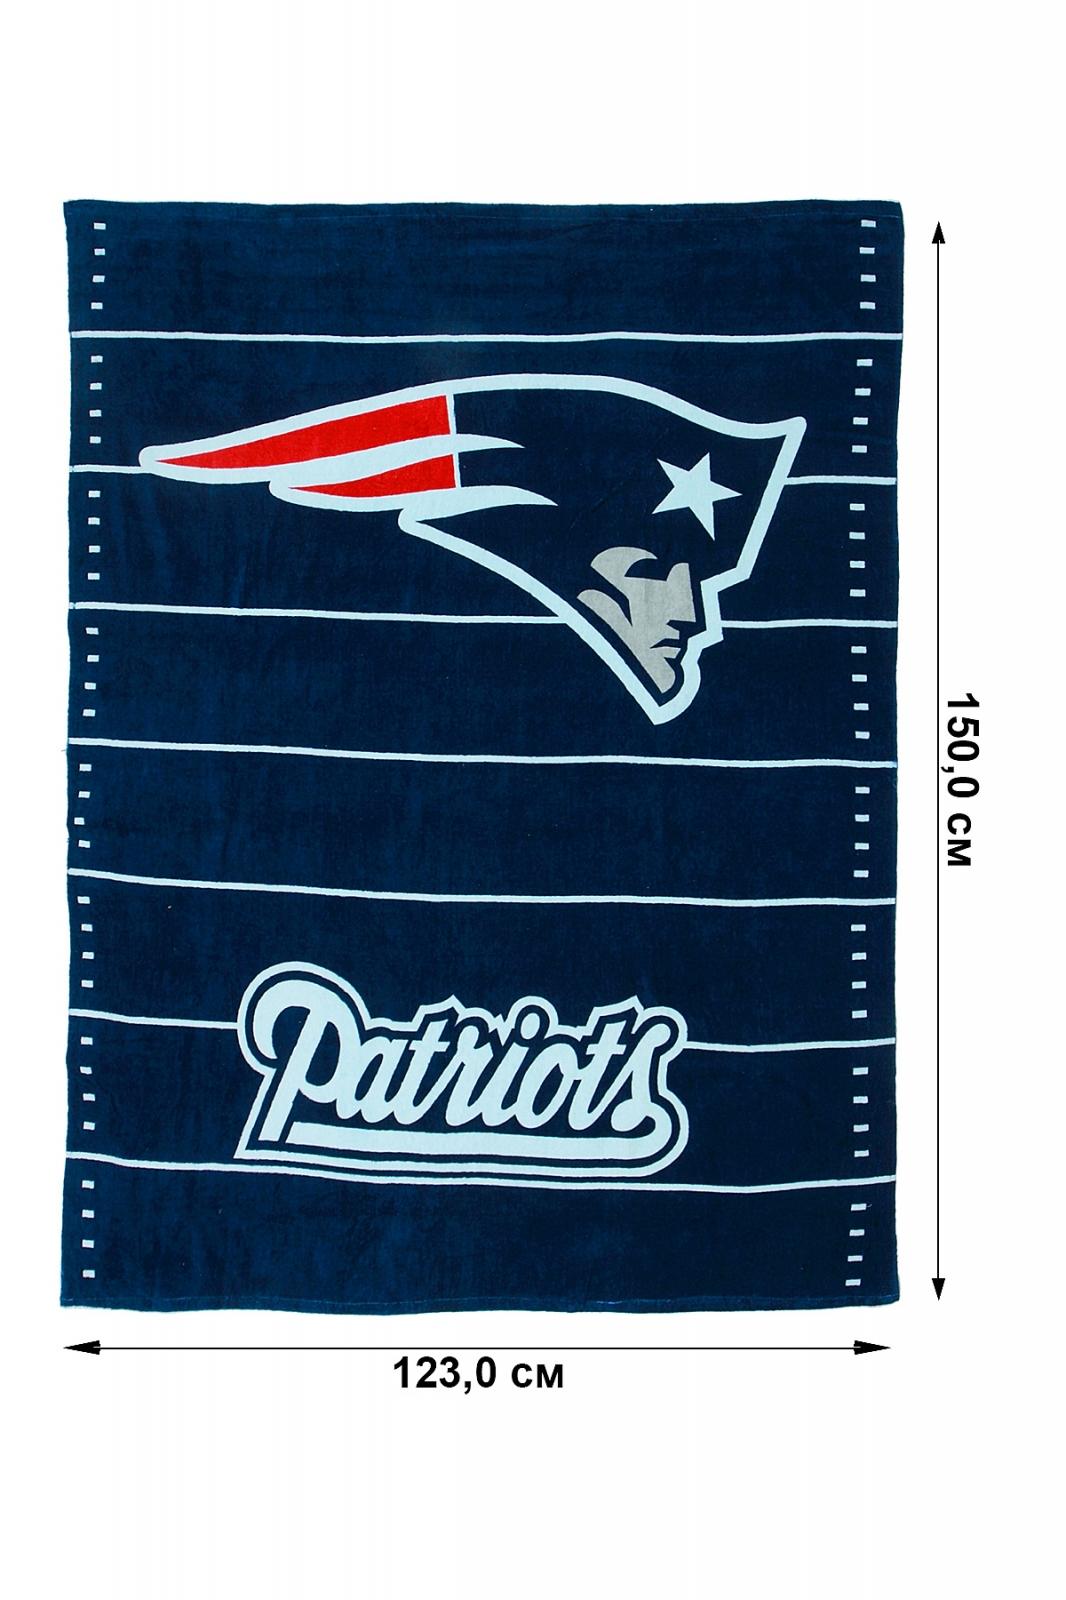 Купить спортивное полотенце в интернет-магазине